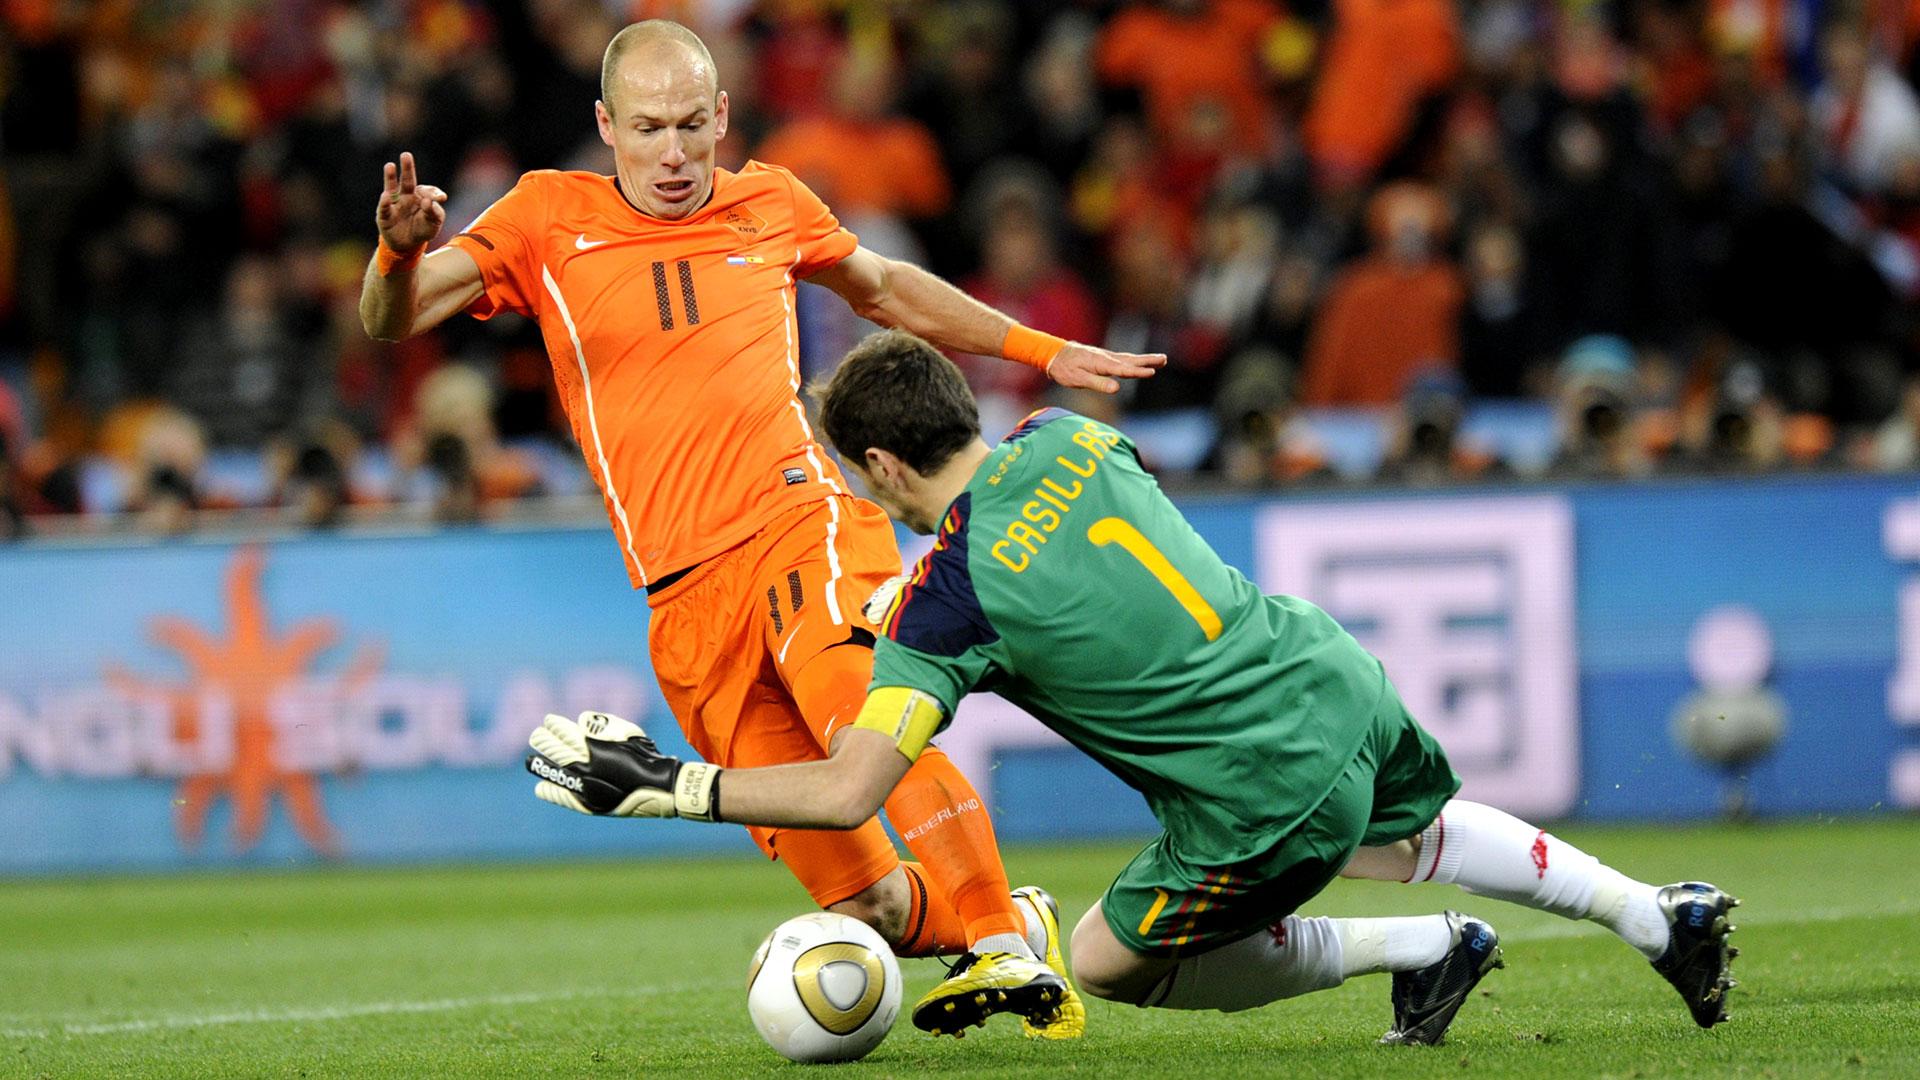 Iker Casillas Arjen Robben Spain Netherlands 2010 World Cup final